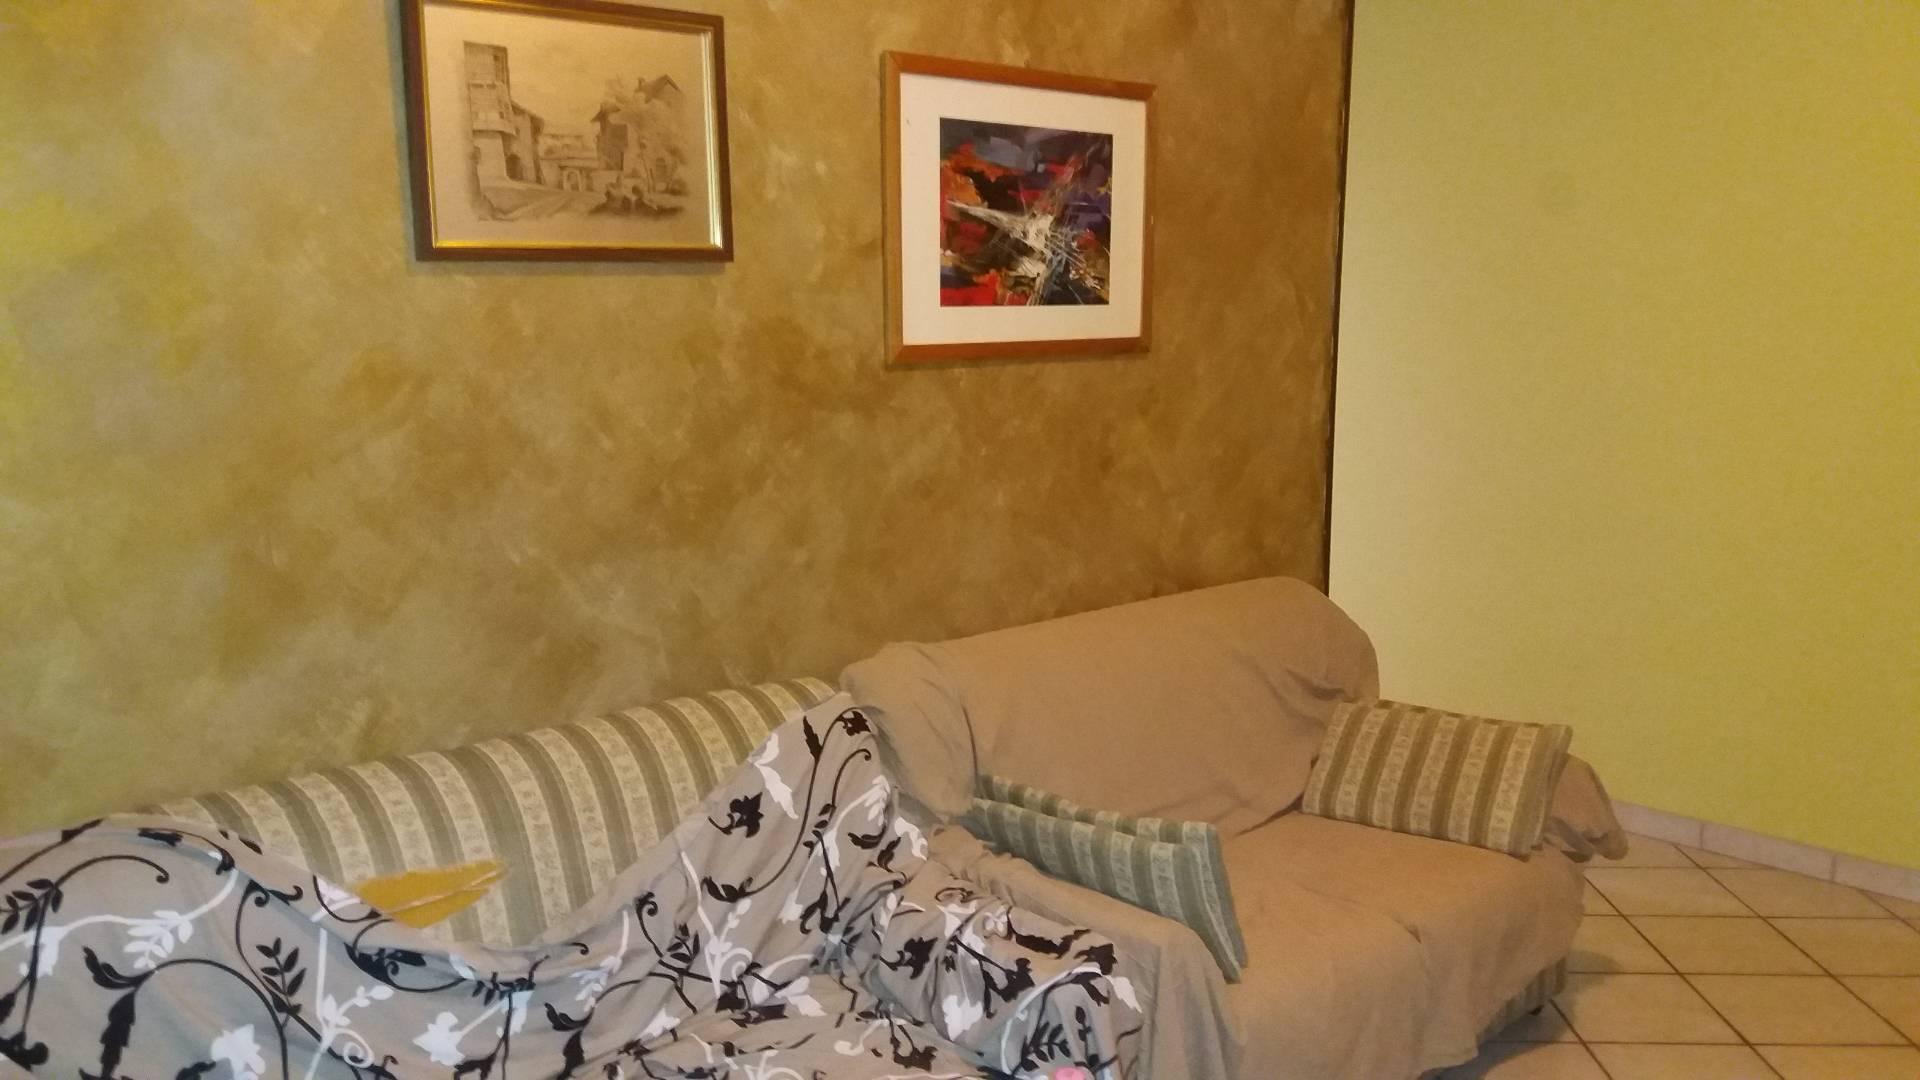 Appartamento in affitto a Chieti, 6 locali, zona Zona: Stazione, prezzo € 800 | Cambio Casa.it